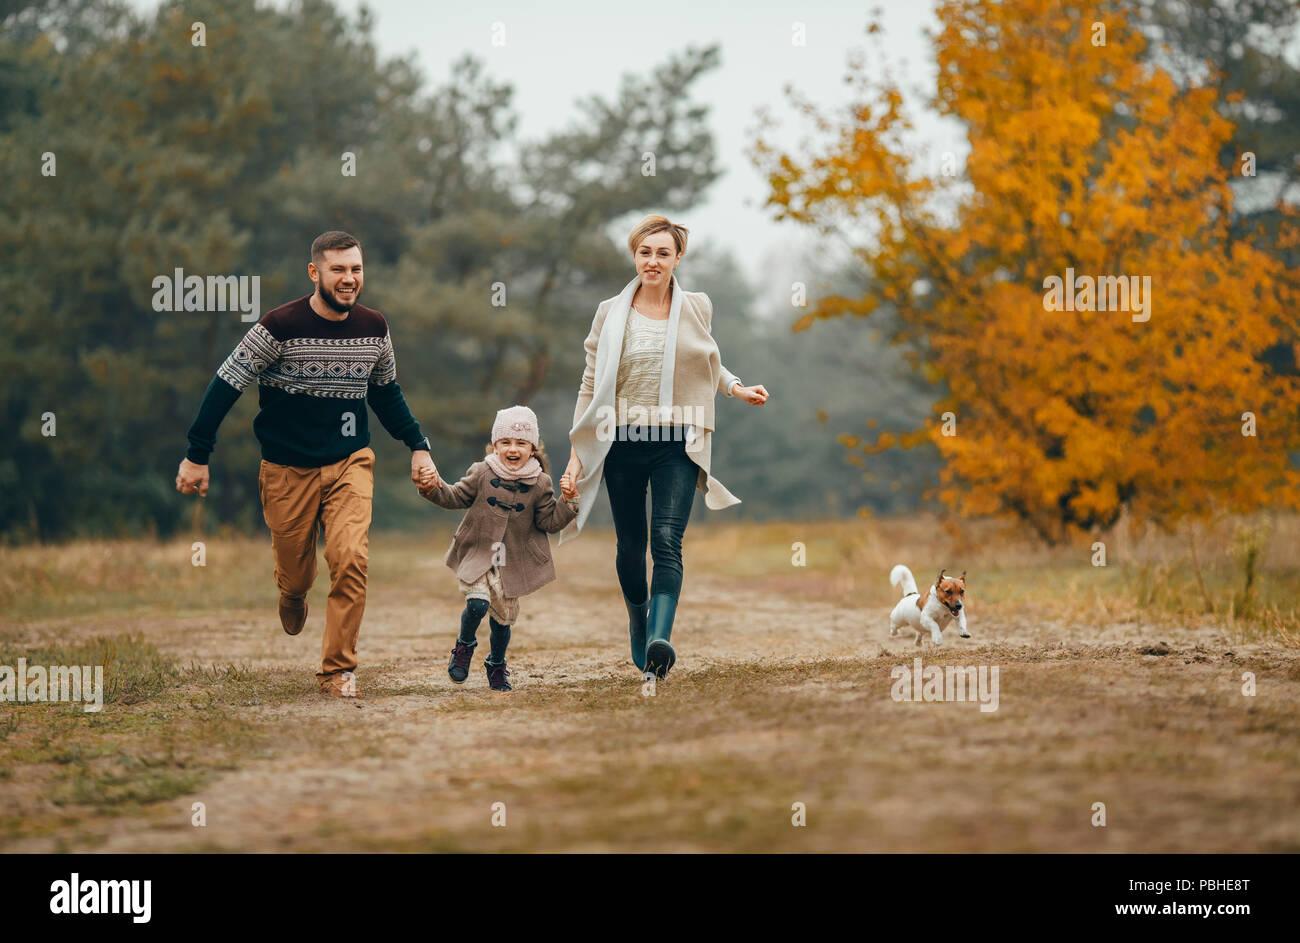 Los padres felices con su hija mantenga las manos y ejecutar al camino forestal junto al perro durante la caminata en el bosque de otoño. Imagen De Stock